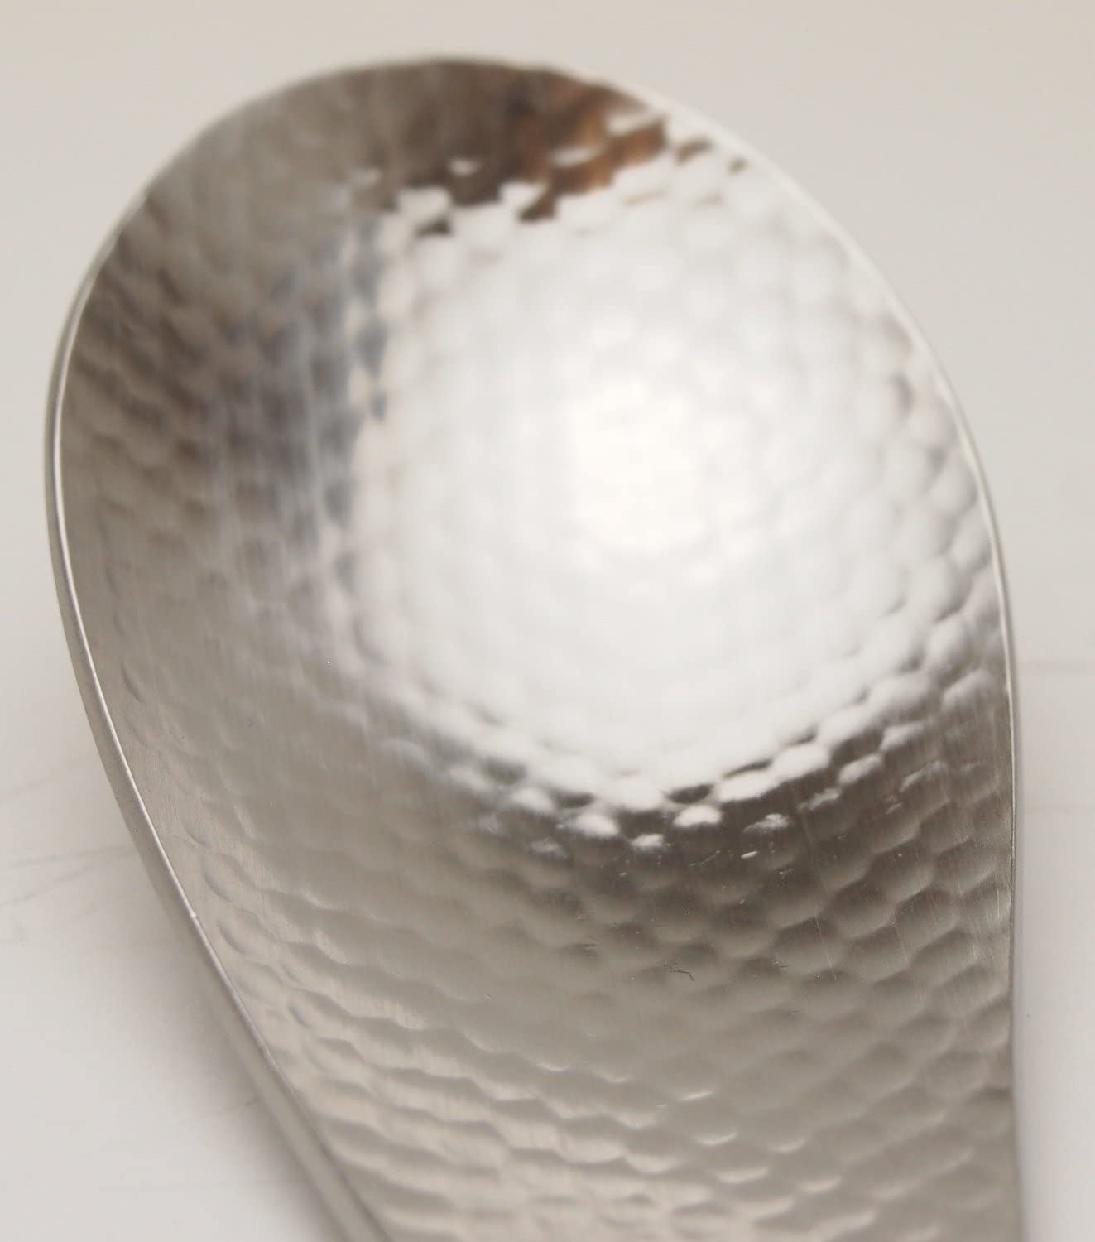 パール金属(PEARL) 和の膳 18-8ステンレス製 槌目 レンゲスプーン B-5289 シルバーの商品画像4